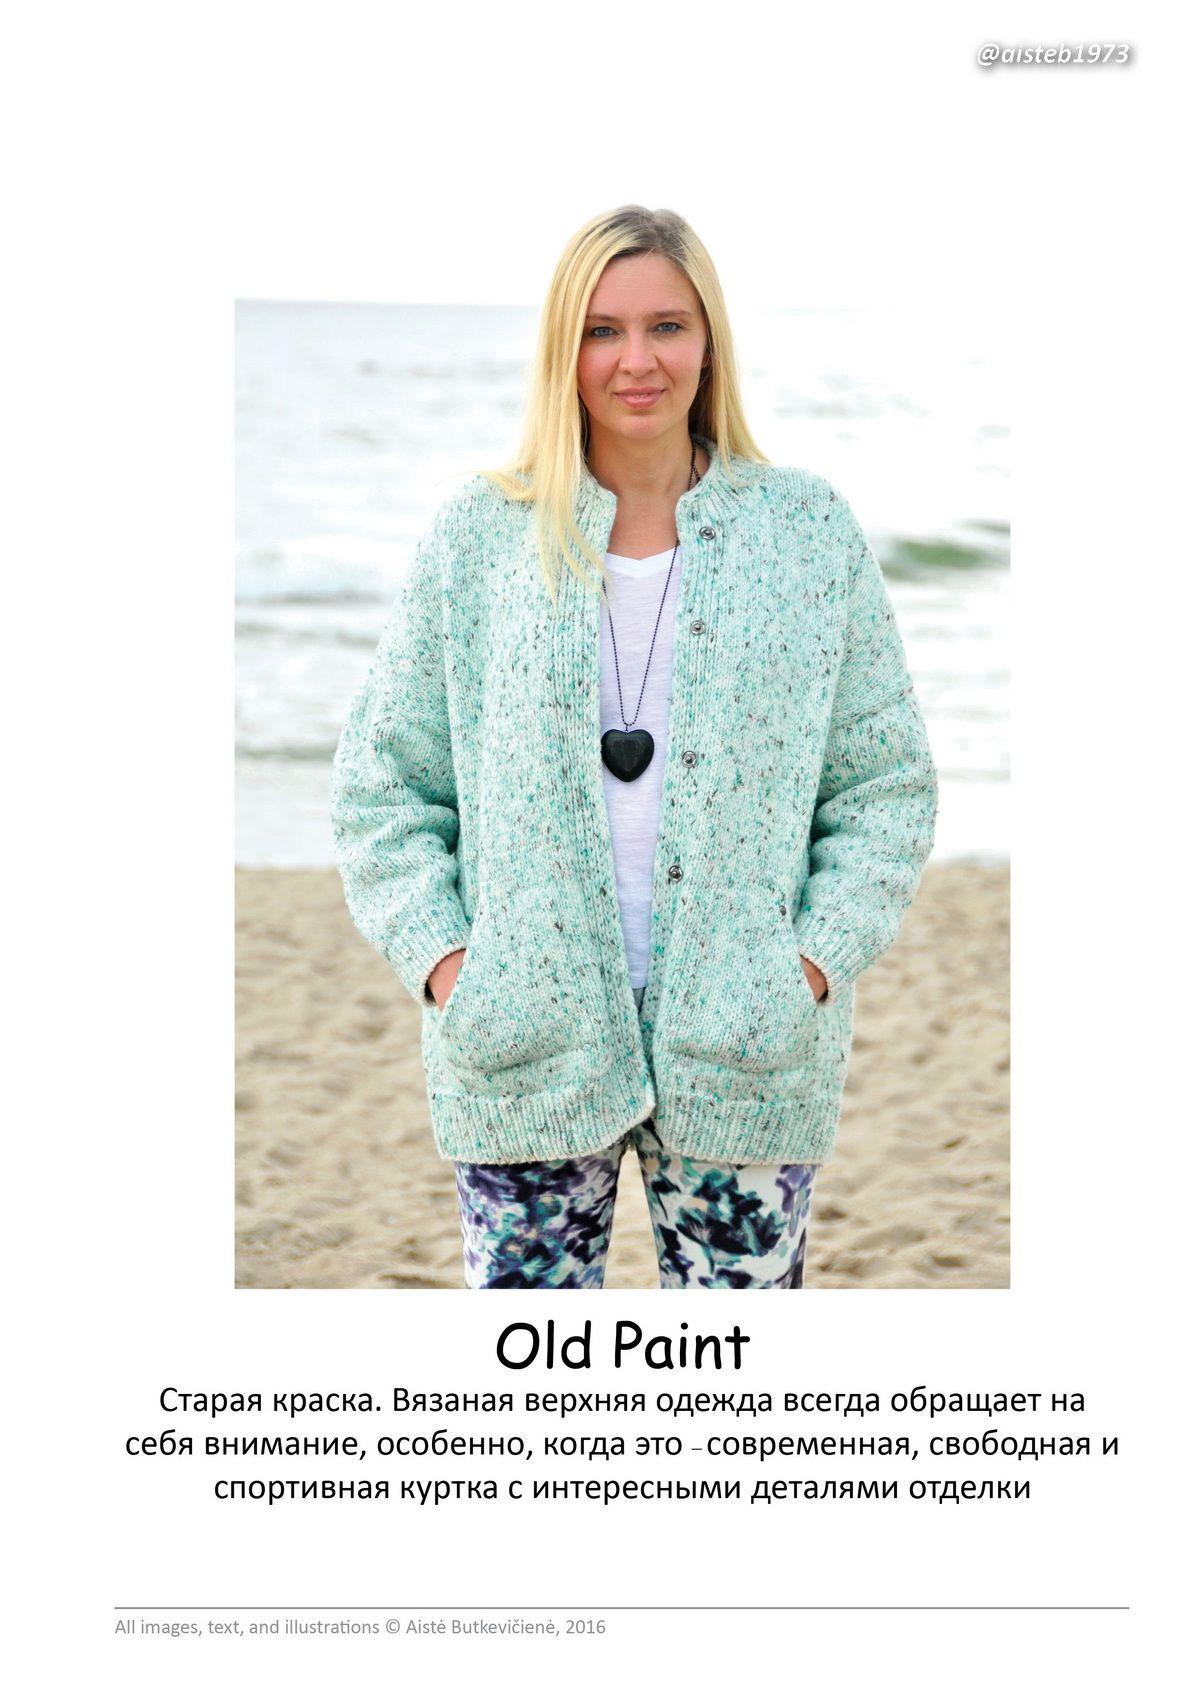 больше понравился вязаные куртки со схемами и картинками кажется